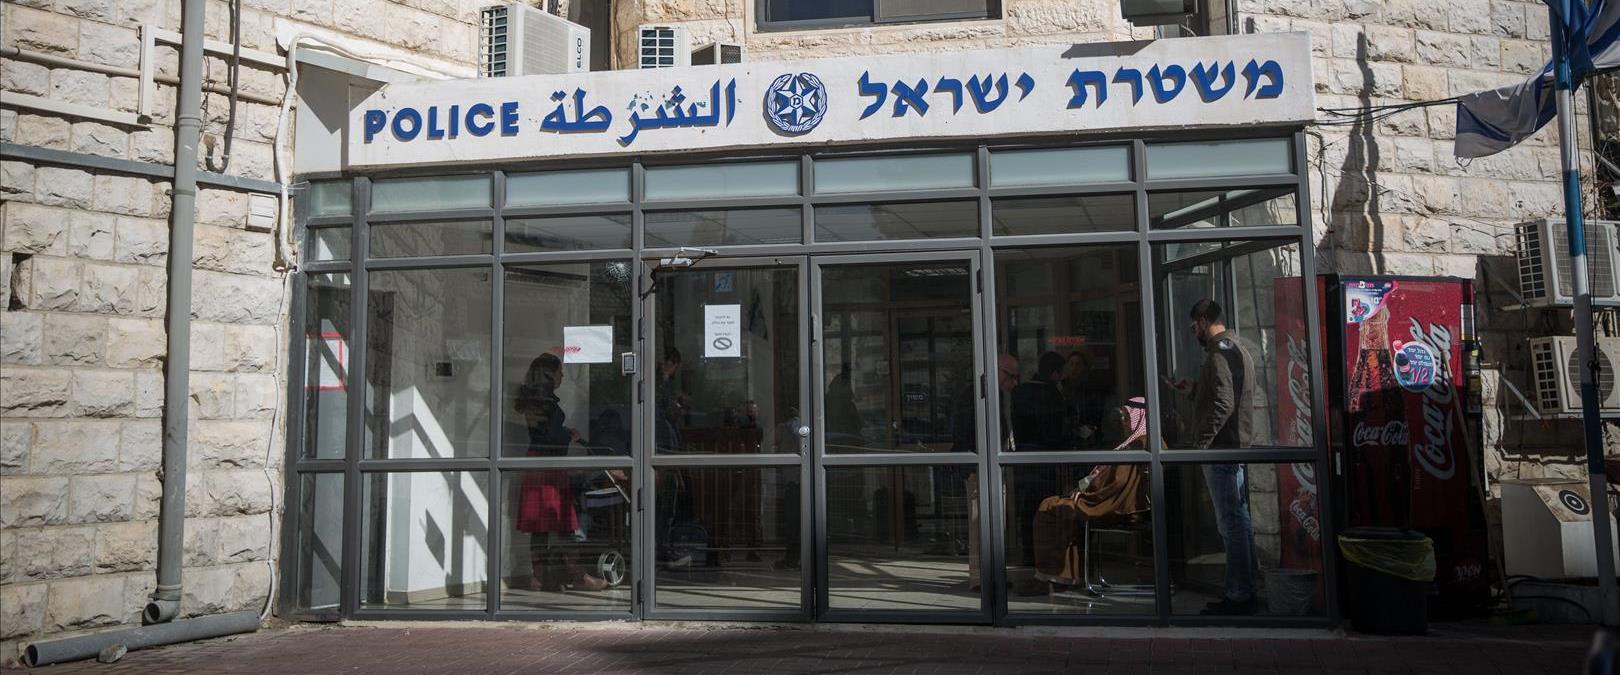 Violée au Sinaï, la police israélienne la met une amende pour manquement à l'isolement